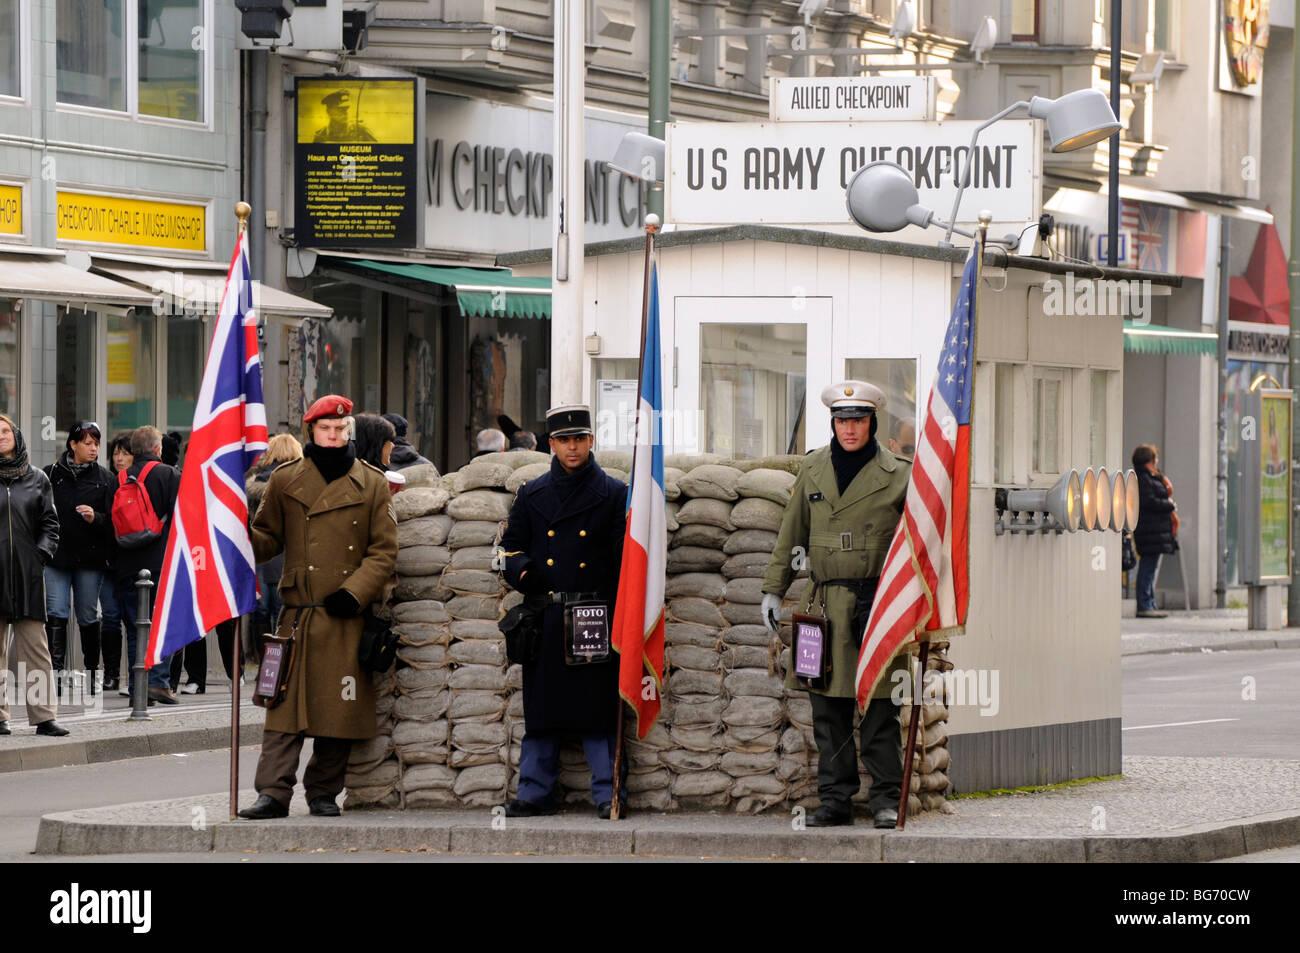 El Ejército de EE.UU., stand turístico Checkpoint Checkpoint Charlie, en Berlín. Imagen De Stock